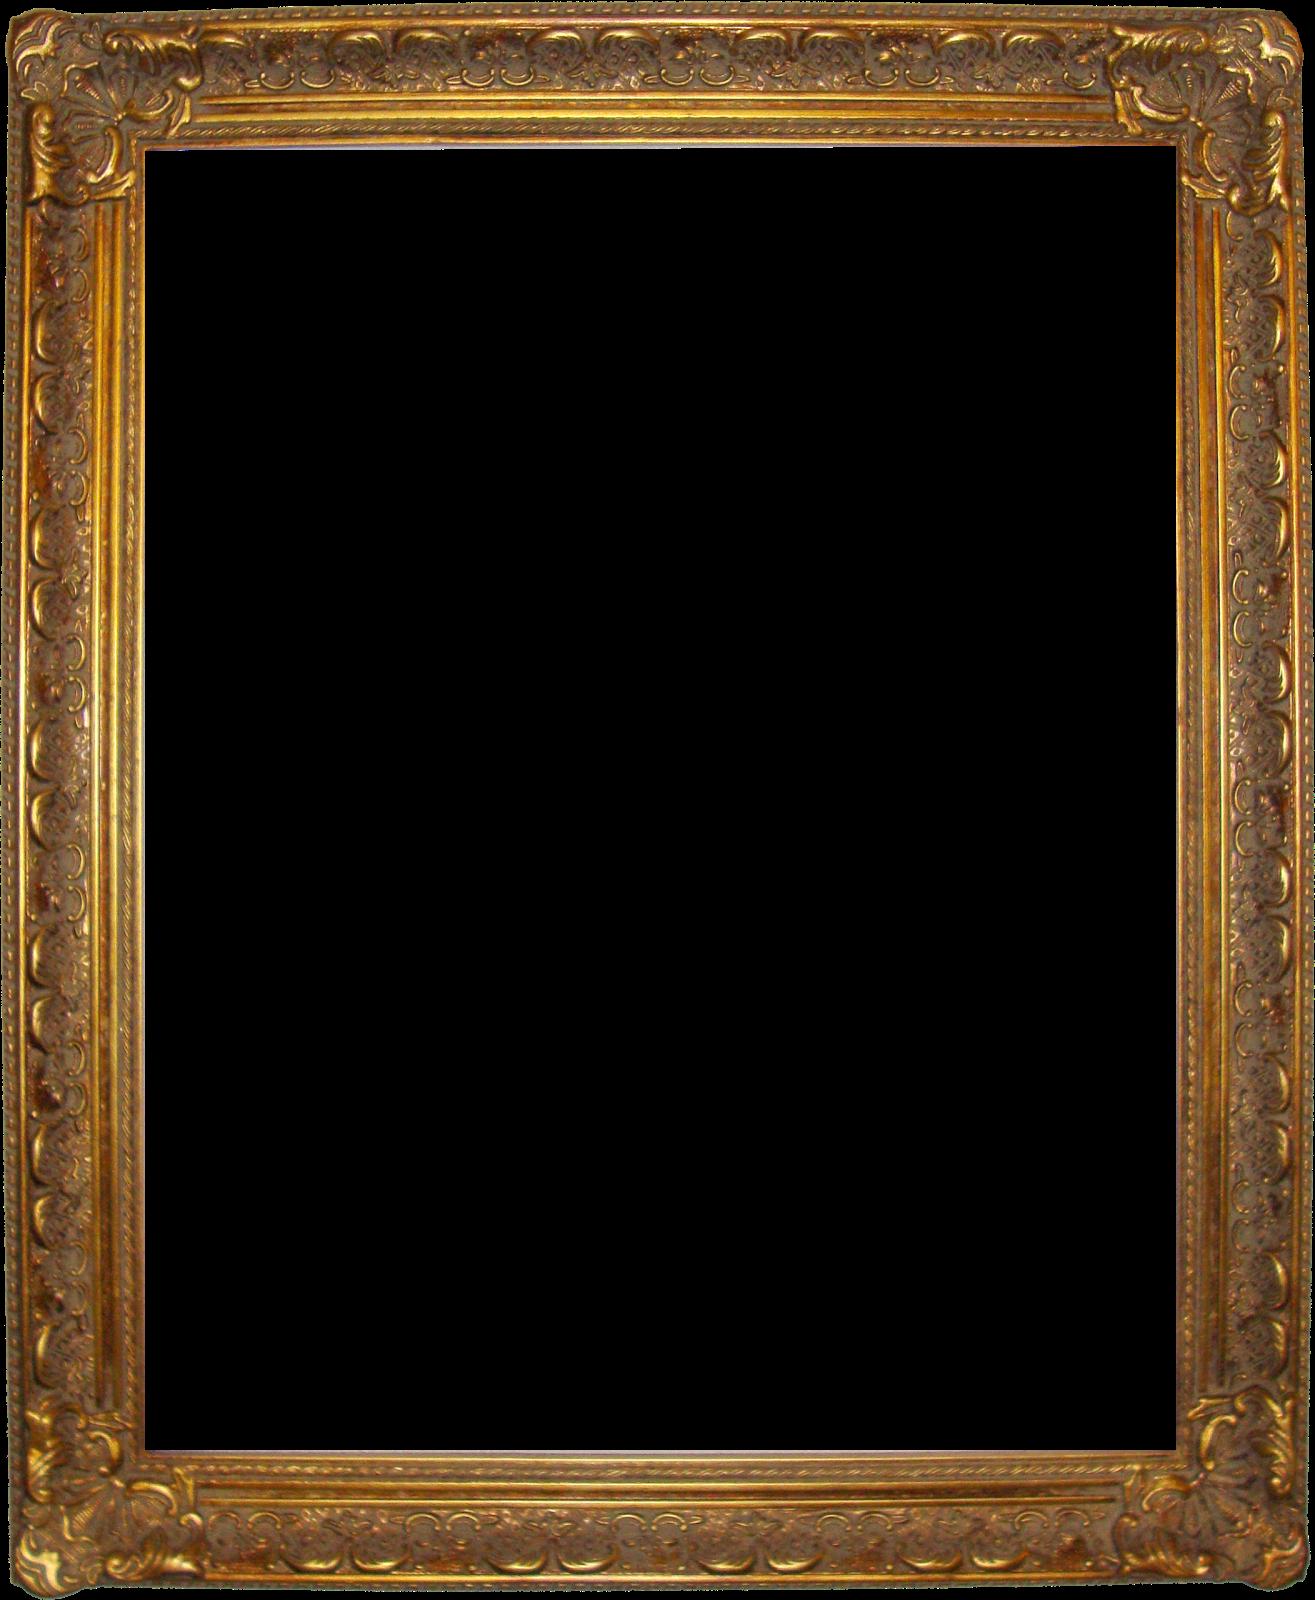 doodlecraft freebie 4 fancy vintage ornate digital frames. Black Bedroom Furniture Sets. Home Design Ideas